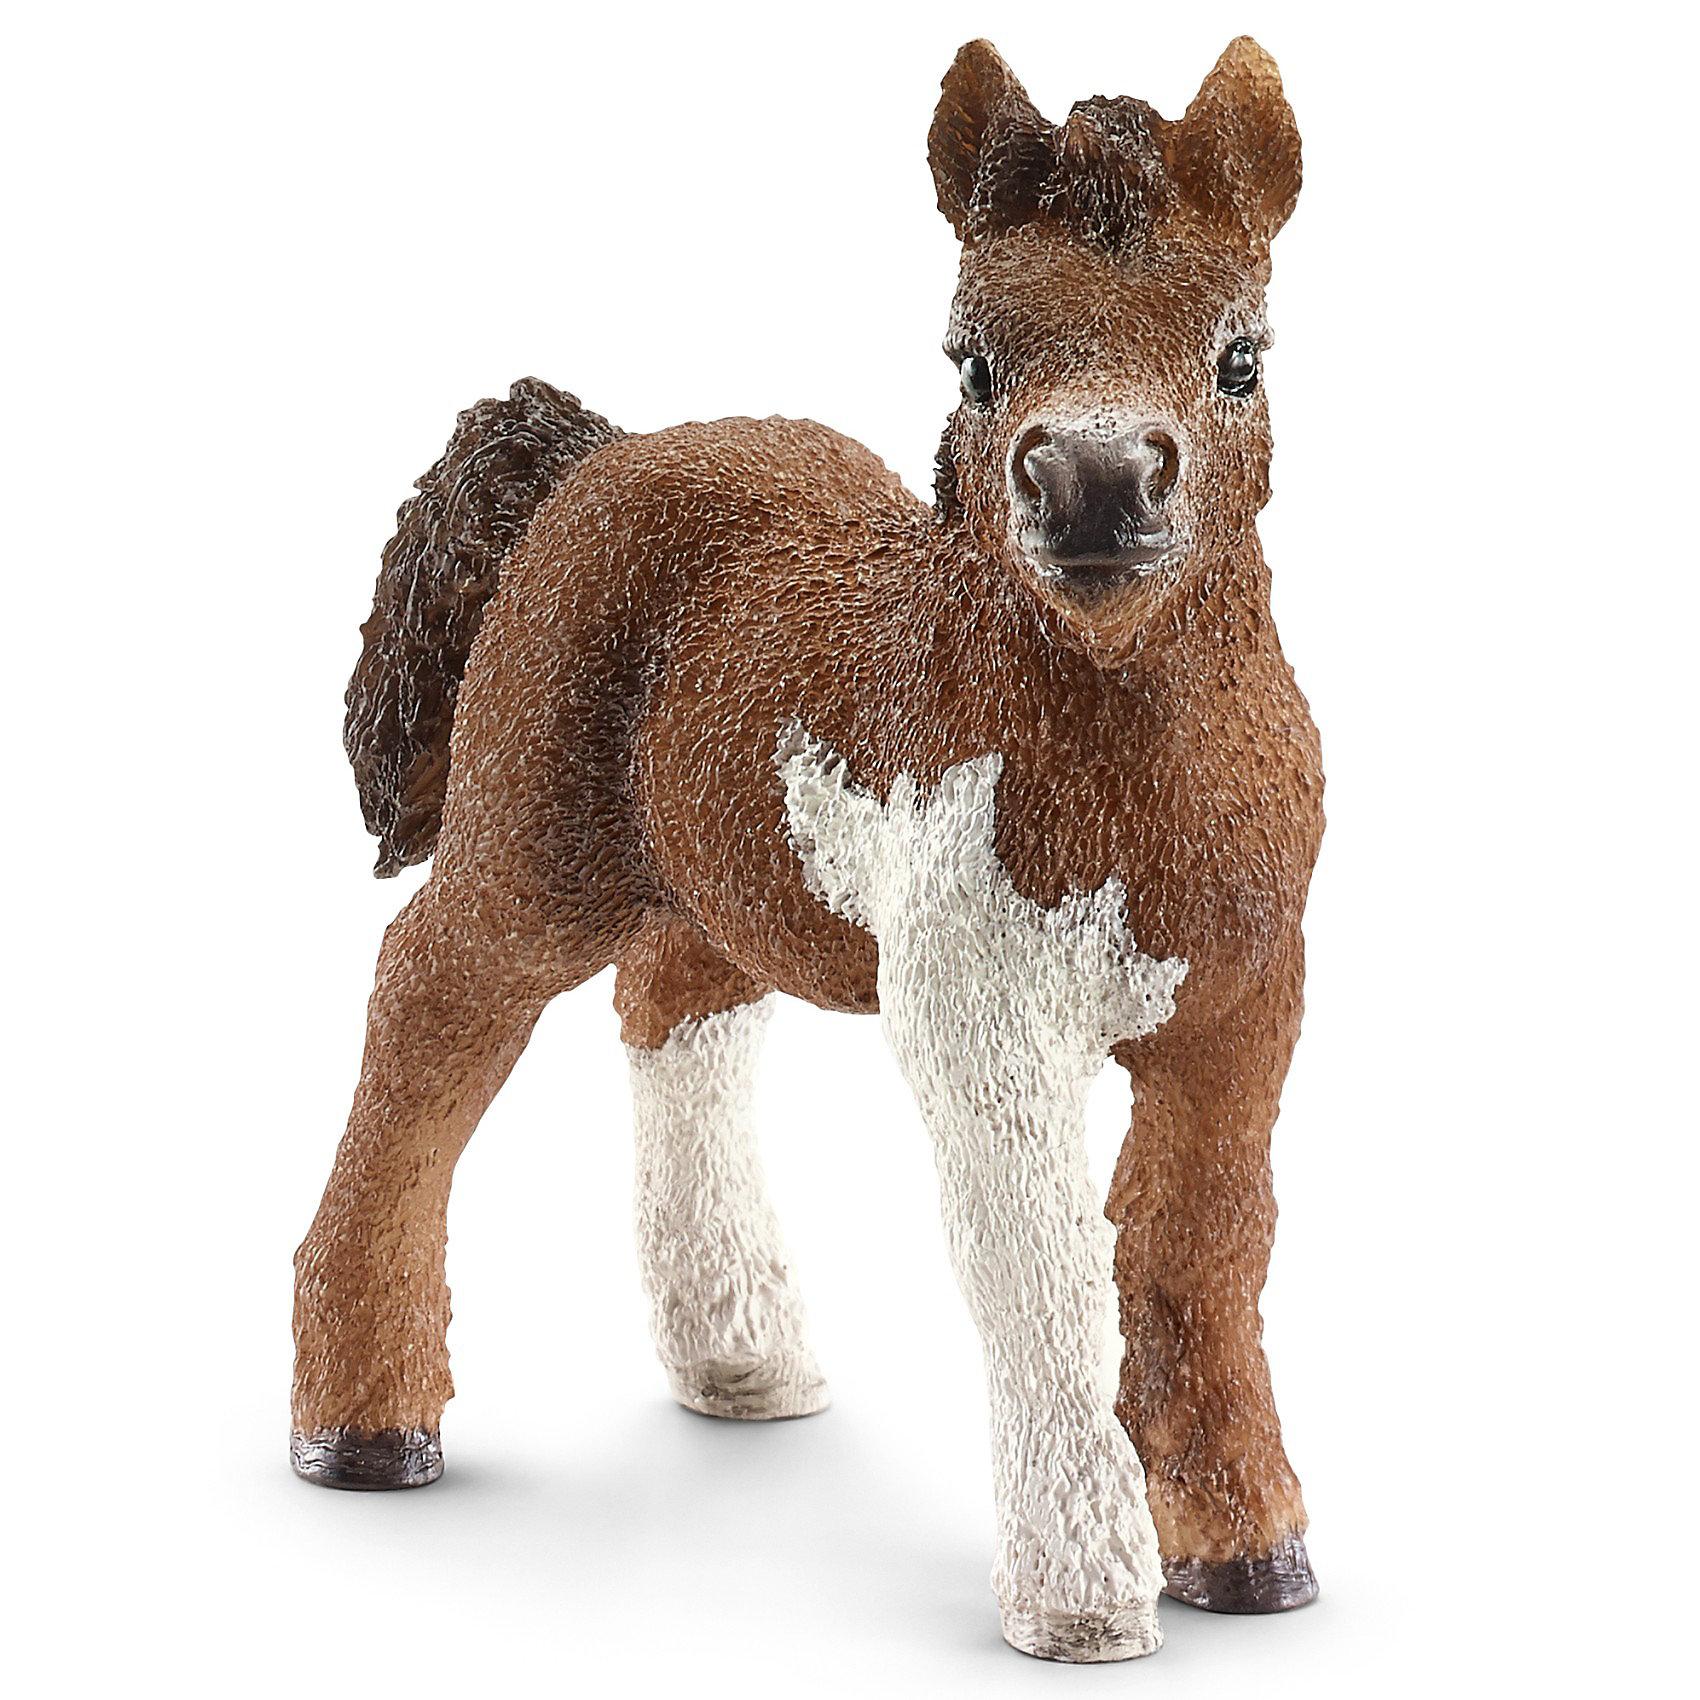 Жеребенок Шетландского пони, SchleichЖеребенок Шетландского пони, Schleich (Шляйх) - коллекционная и игровая фигурка от немецкого производителя Schleich (Шляйх).<br>Фигурка очаровательного жеребенка породы Шетланд пони разнообразит игру вашего ребенка и станет достойным пополнением коллекции его фигурок лошадей. Пони породы Шетланд назван в честь острова неподалеку от Шотландии. Они очень выносливы и использовались в сельском хозяйстве и горнодобывающей промышленности в холодном суровом климате. Сейчас эту породу лошадей можно увидеть в зоопарках, цирках, они используются для занятий с детьми и взрослыми, поскольку отличаются спокойными и плавными движениями. Все фигурки Schleich (Шляйх) сделаны из гипоаллергенных высокотехнологичных материалов, раскрашены вручную и не вызывают аллергии у ребенка. Прекрасно выполненные фигурки Schleich (Шляйх) отличаются высочайшим качеством игрушек ручной работы. Все они создаются при постоянном сотрудничестве с Берлинским зоопарком, а потому, являются максимально точной копией настоящих животных. Каждая фигурка разработана с учетом исследований в области педагогики и производится как настоящее произведение для маленьких детских ручек.<br><br>Дополнительная информация:<br><br>-Размер фигурки: 2,5 x 6,6 x 6,1 см.<br>-Вес фигурки: 9 грамм<br>-Материал: каучуковый пластик<br><br>Жеребенок Шетландского пони, Schleich (Шляйх) - ваш ребенок будет наслаждаться игрой с новой восхитительной игрушкой.<br><br>Фигурку Жеребенка Шетландского пони, Schleich (Шляйх) можно купить в нашем интернет-магазине.<br><br>Ширина мм: 86<br>Глубина мм: 71<br>Высота мм: 30<br>Вес г: 17<br>Возраст от месяцев: 36<br>Возраст до месяцев: 96<br>Пол: Женский<br>Возраст: Детский<br>SKU: 3443122